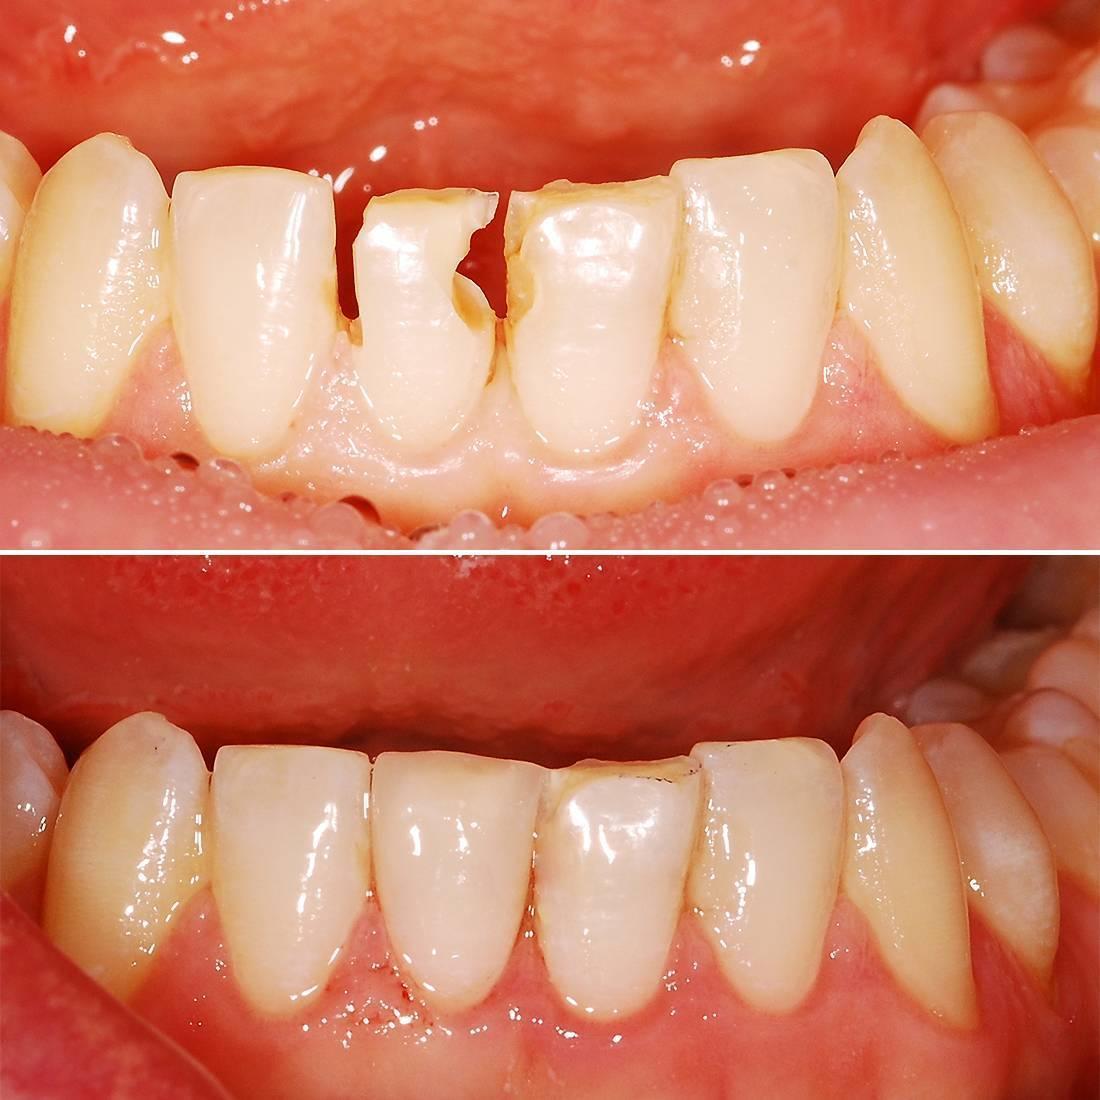 Художественная реставрация зубов в москве, цены в стоматологии «президент»